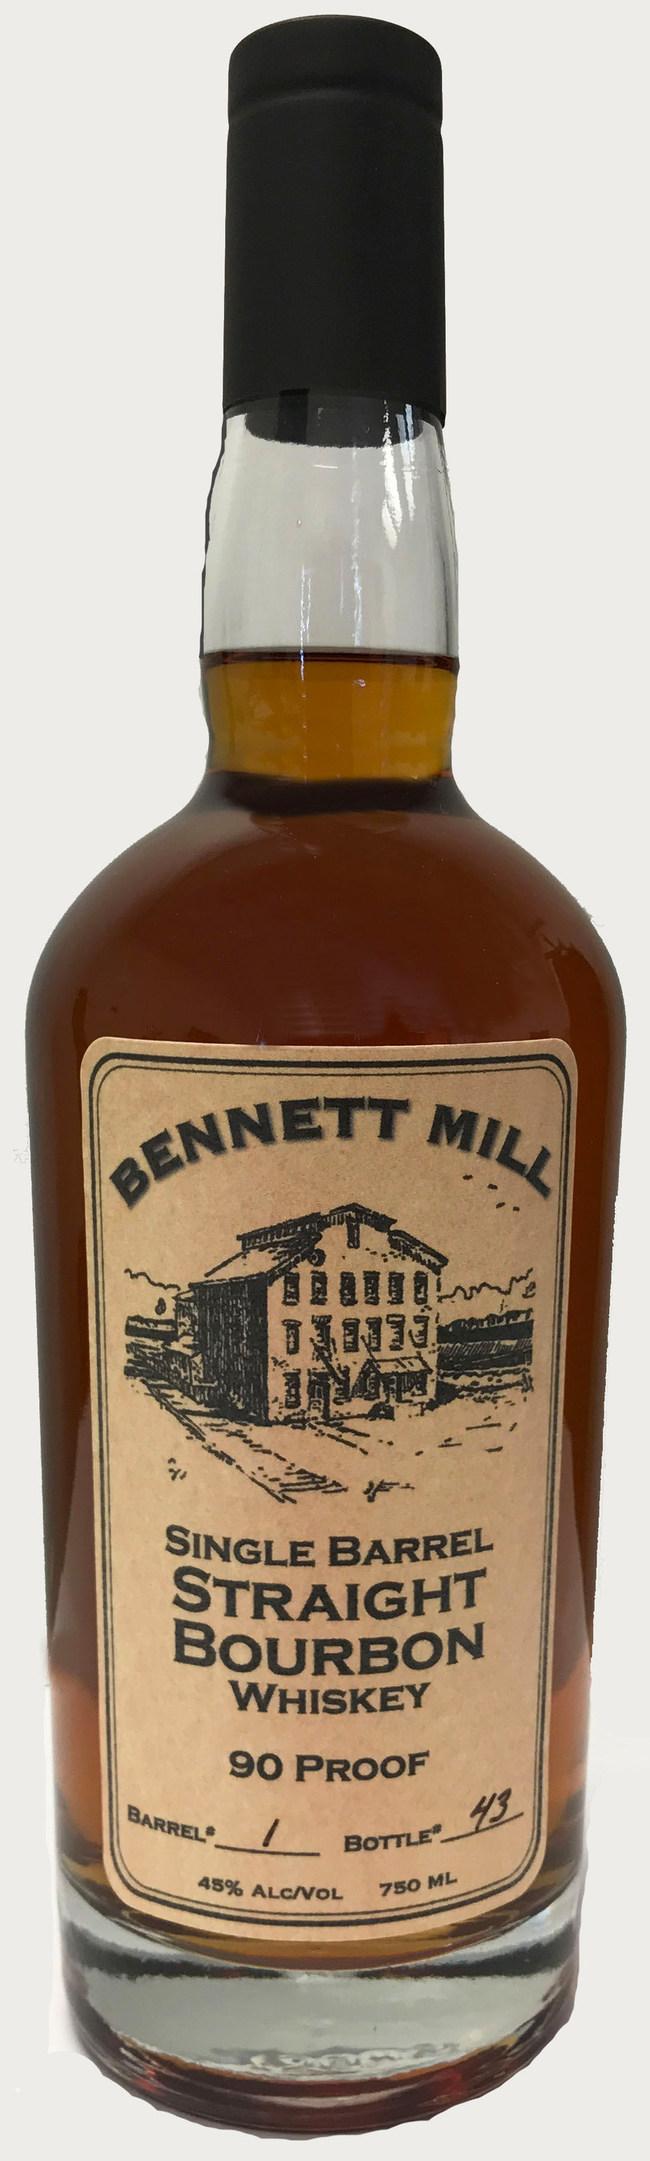 Bottle shot of Bennett Mill Single Barrel Straight Bourbon